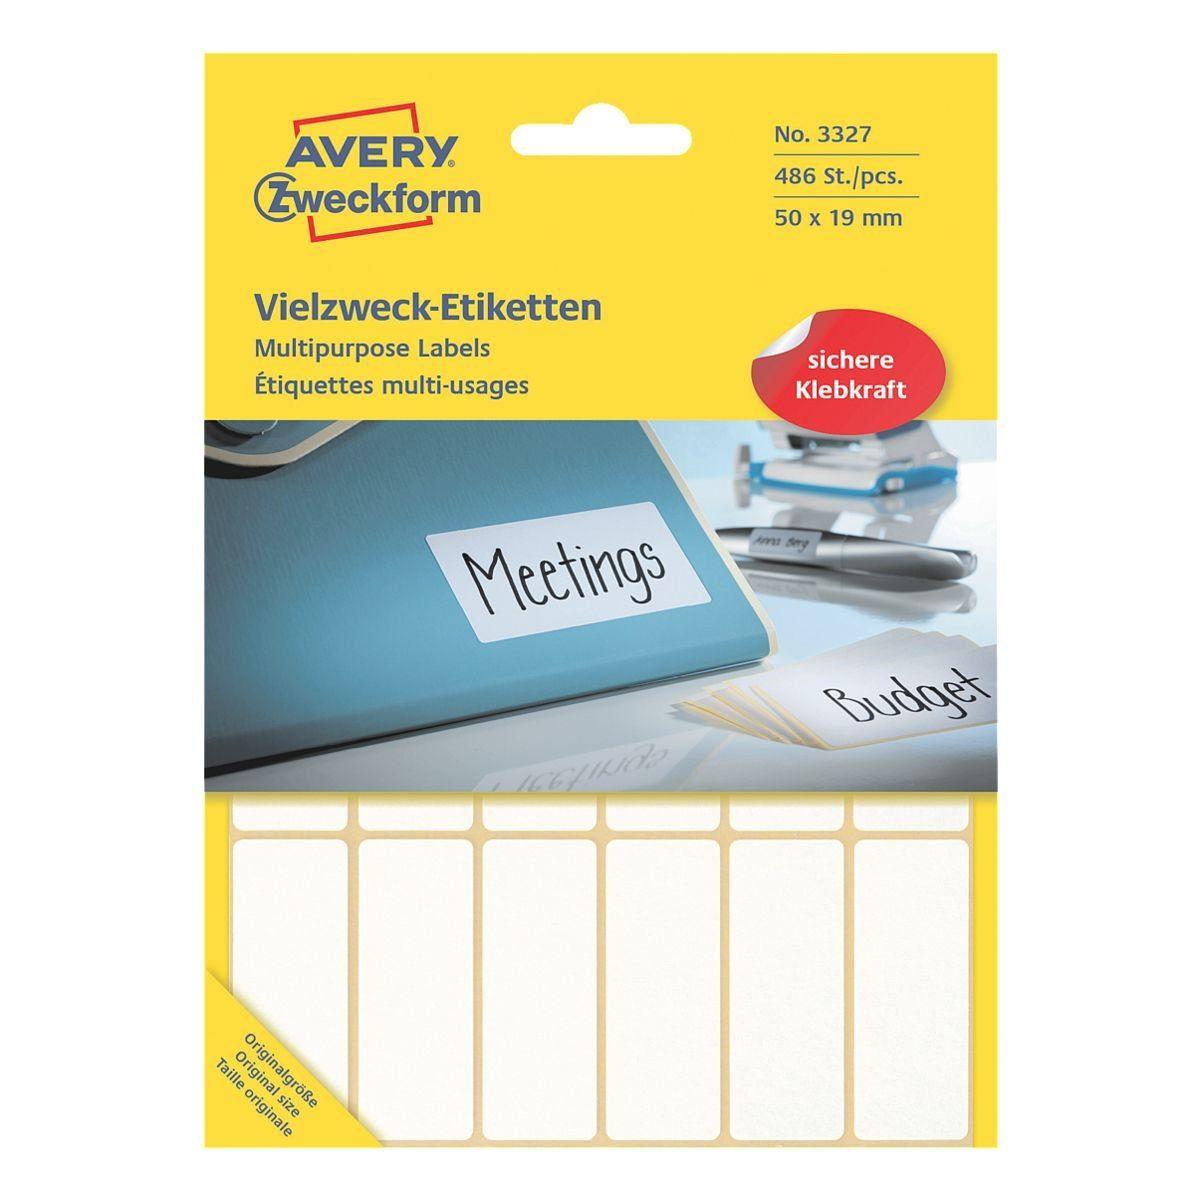 Avery Zweckform 486er-Pack Vielzweck-Etiketten »3327«